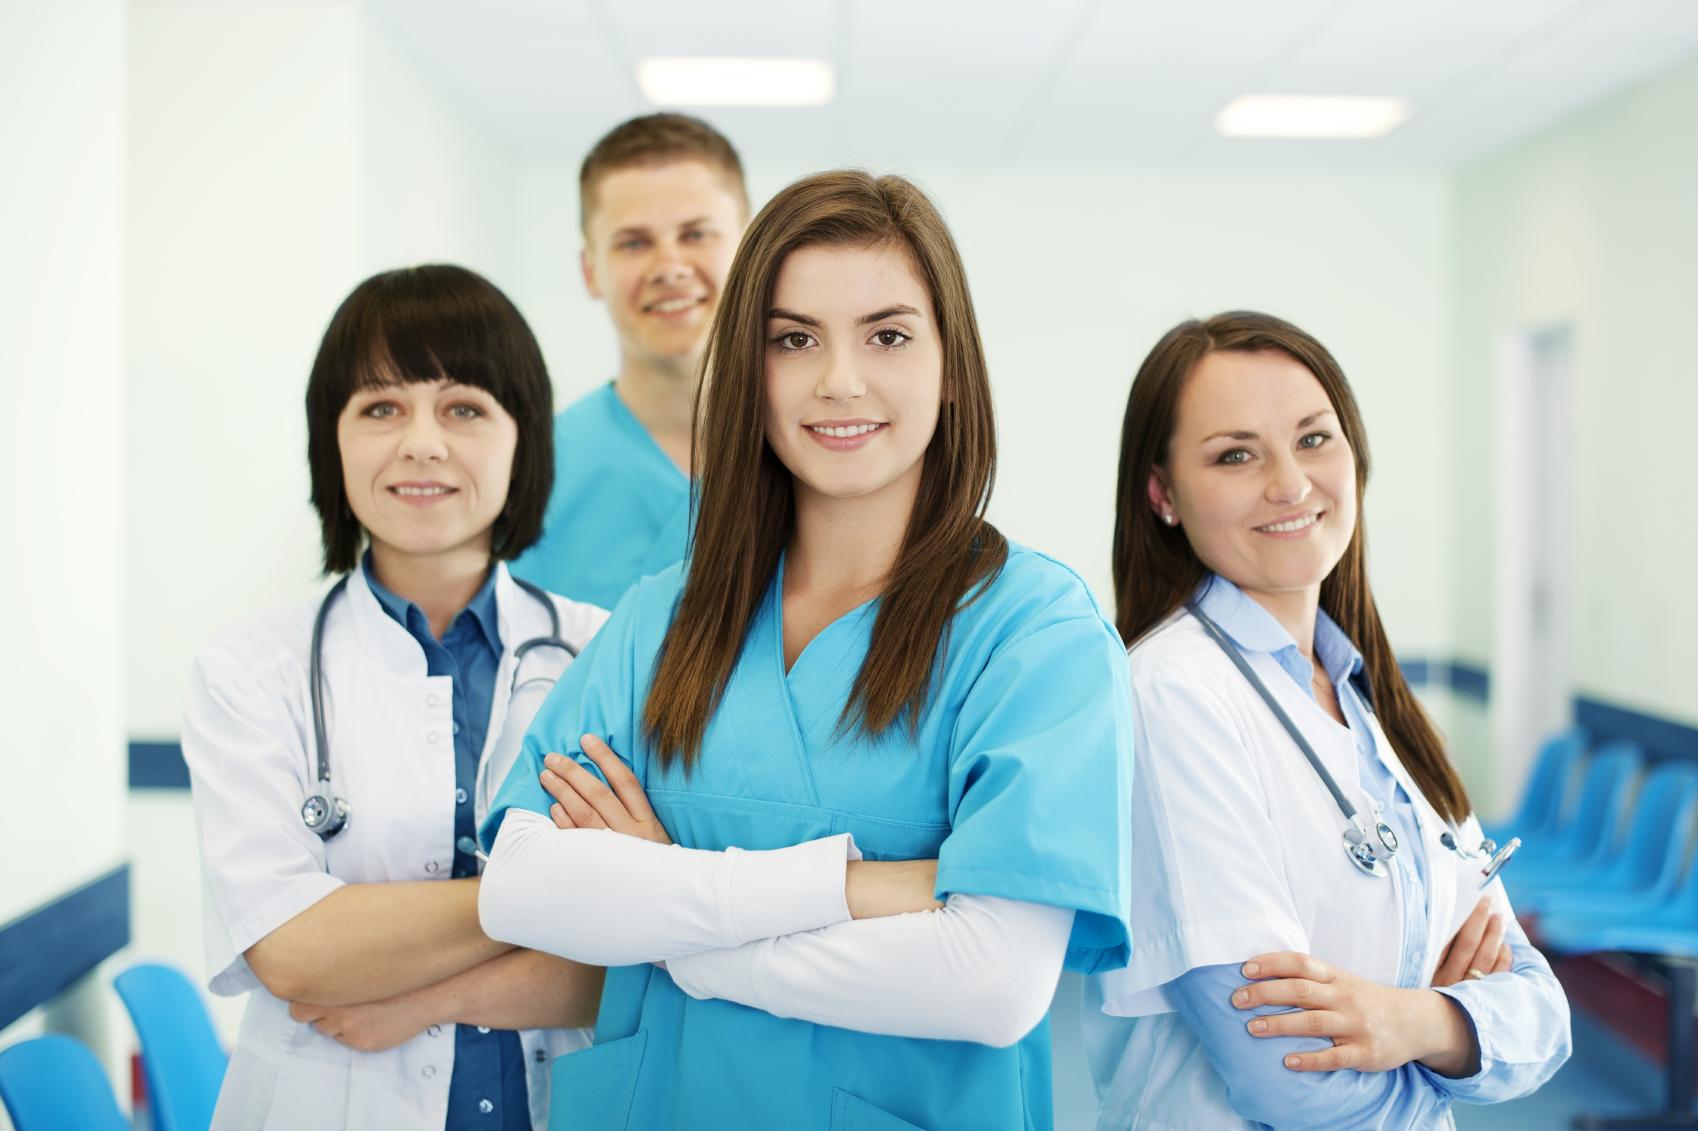 Online De Escalation Training for Nurses  Techniques  Certification